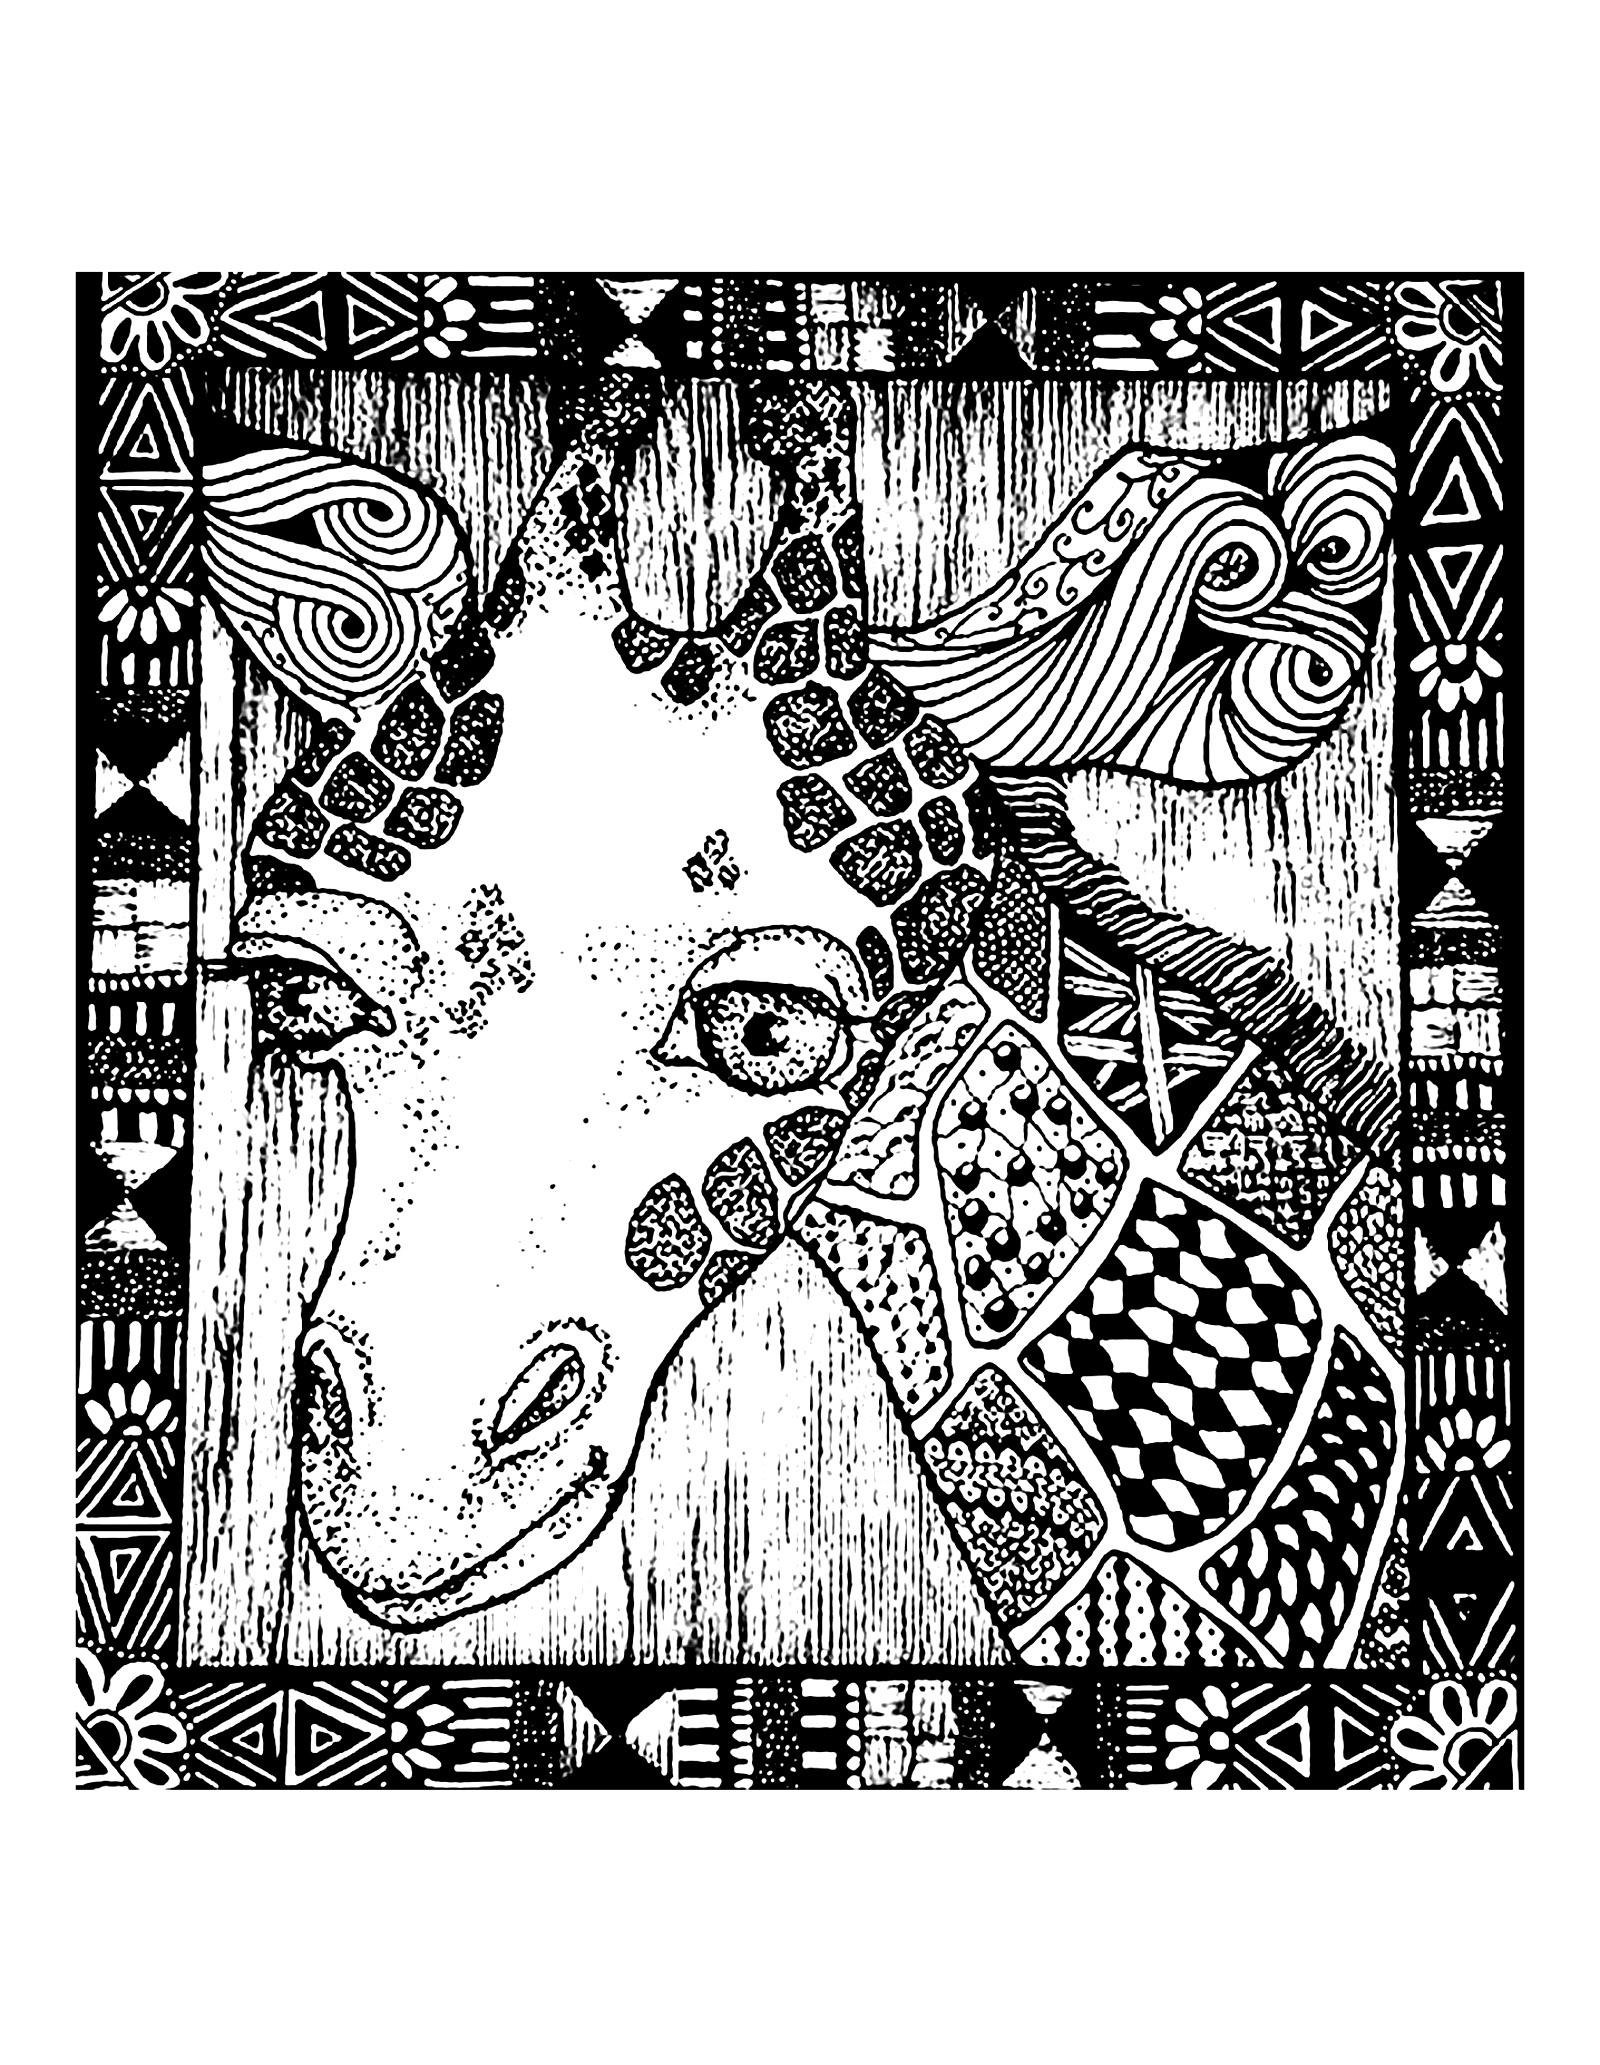 Coloriage Tete De Girafe A Imprimer.Tete Girafe Et Motifs Girafes Coloriages Difficiles Pour Adultes